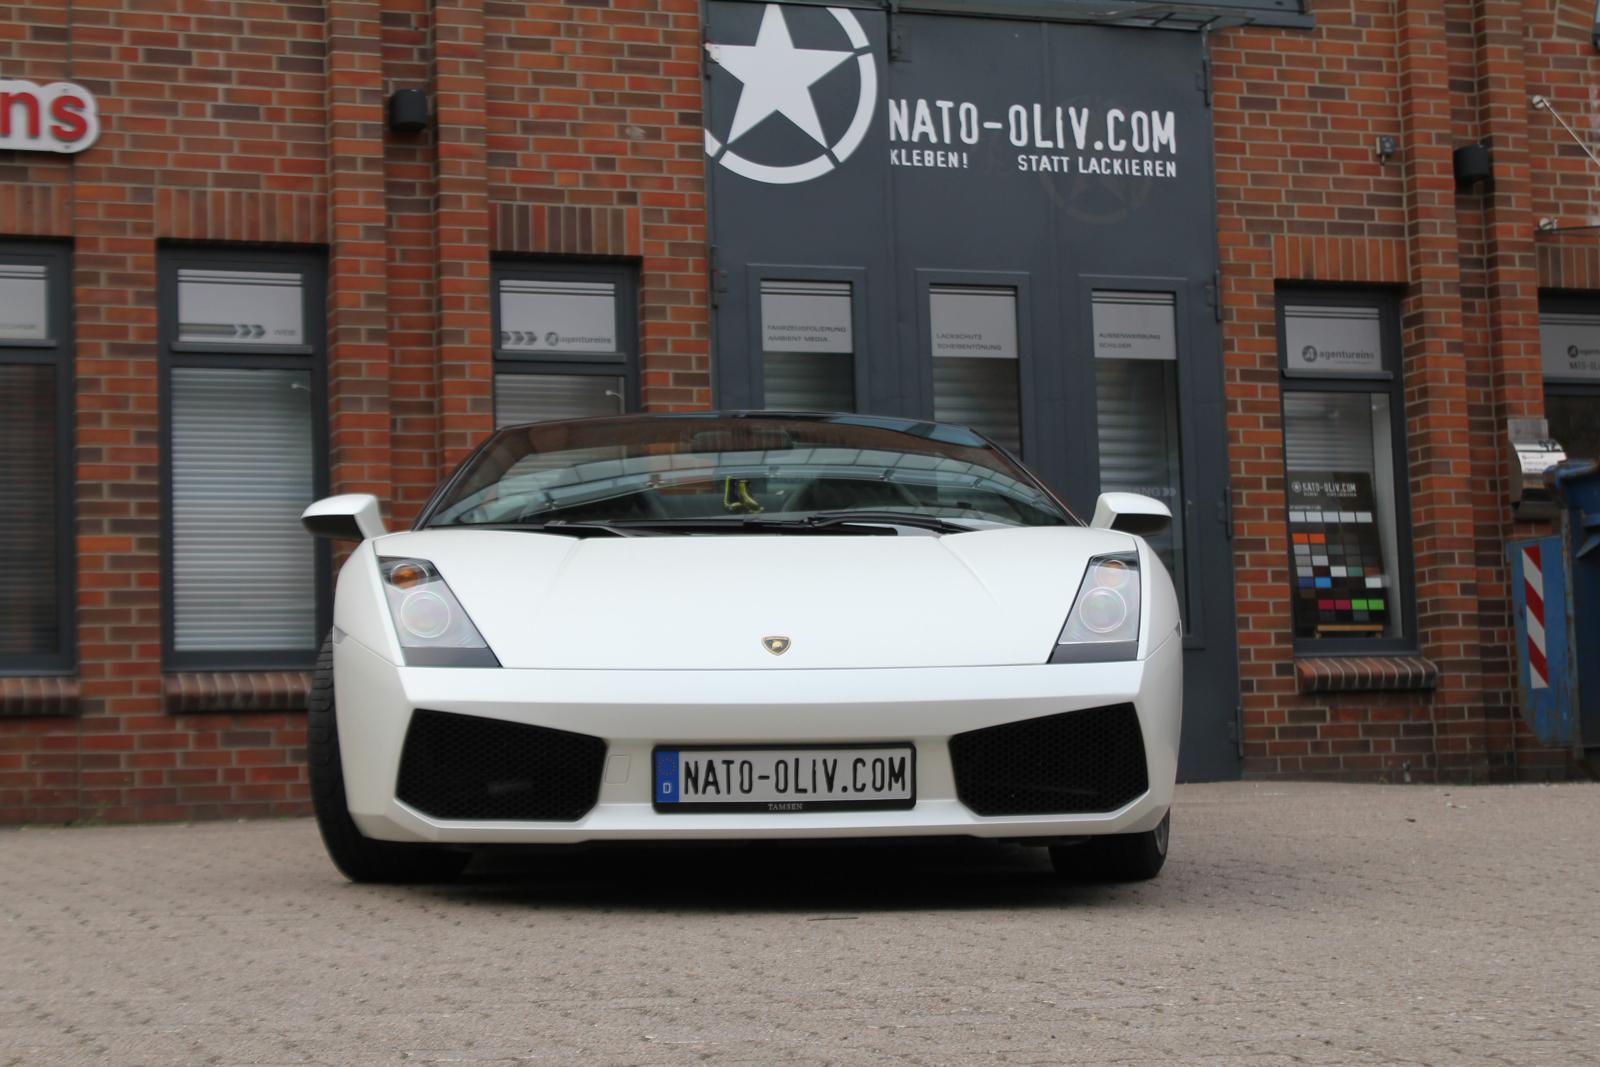 Frontalansicht des Lamborghini Gallardo Spider mit Folie beklebt in satin pearl white und schwarz matt